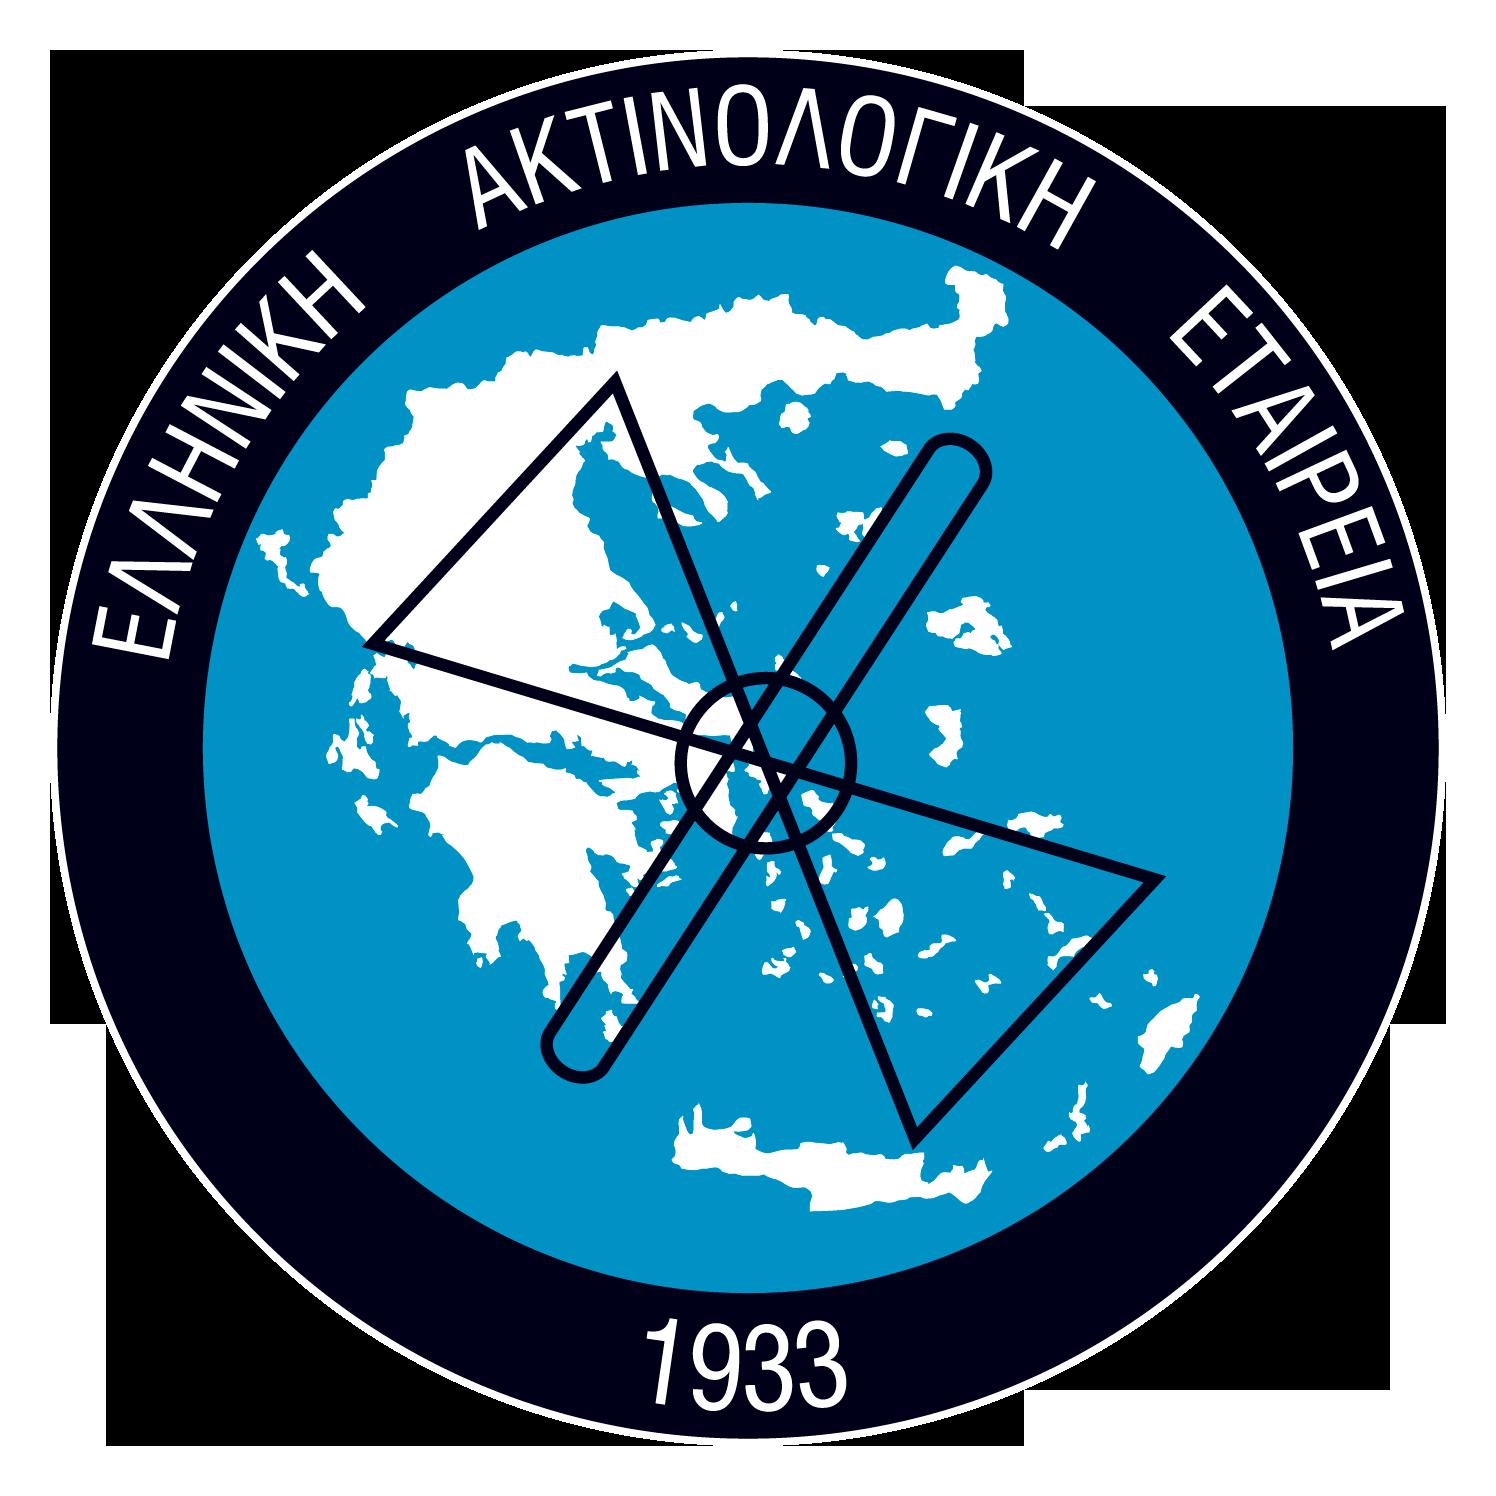 Ελληνική Ακτινολογική Εταιρεία